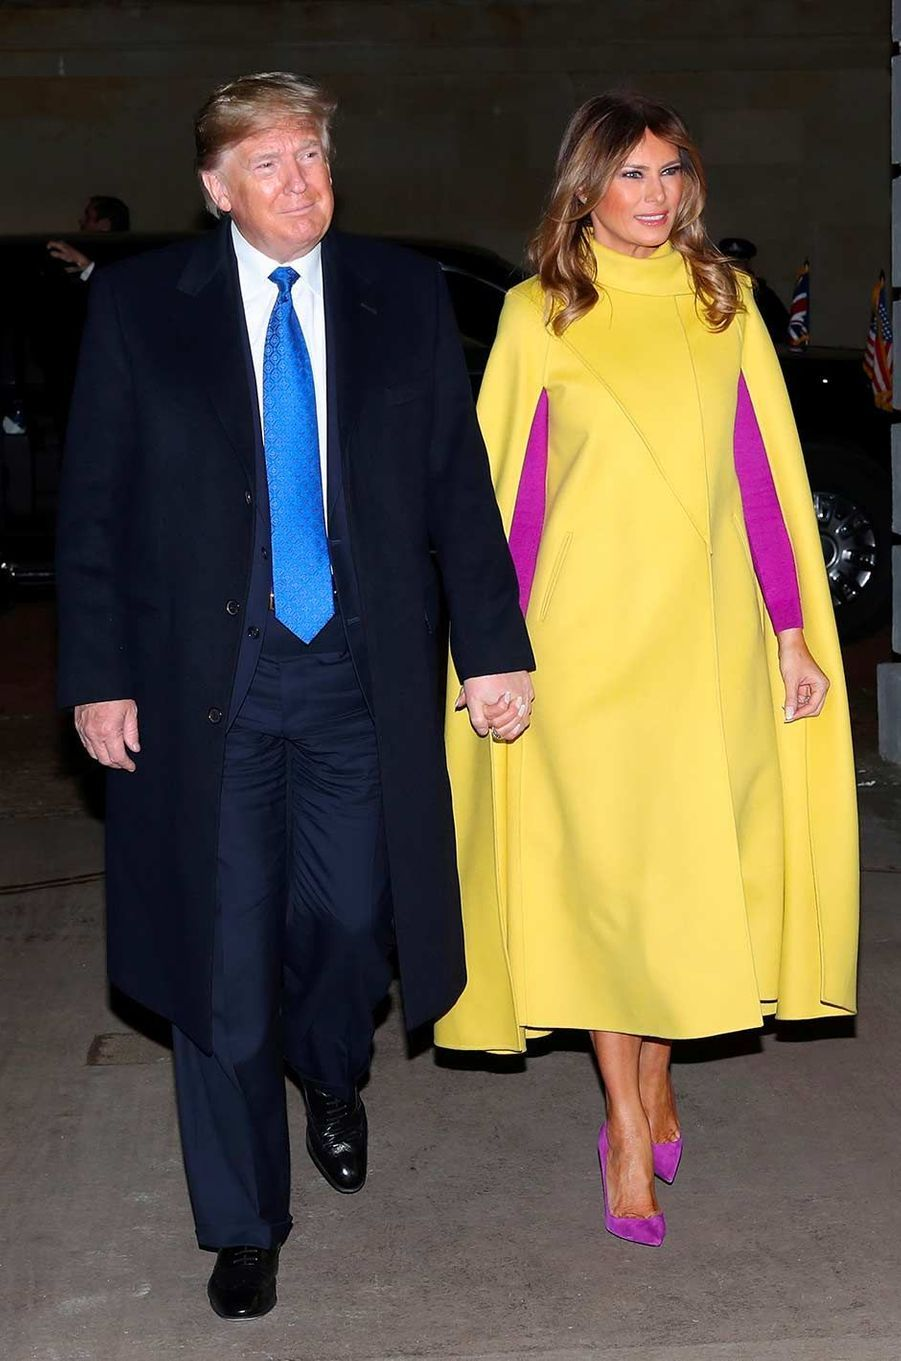 Donald et Melania Trump accueillis à Clarence House pour y rencontrer le prince Charles et Camilla, le 3 décembre 2019.